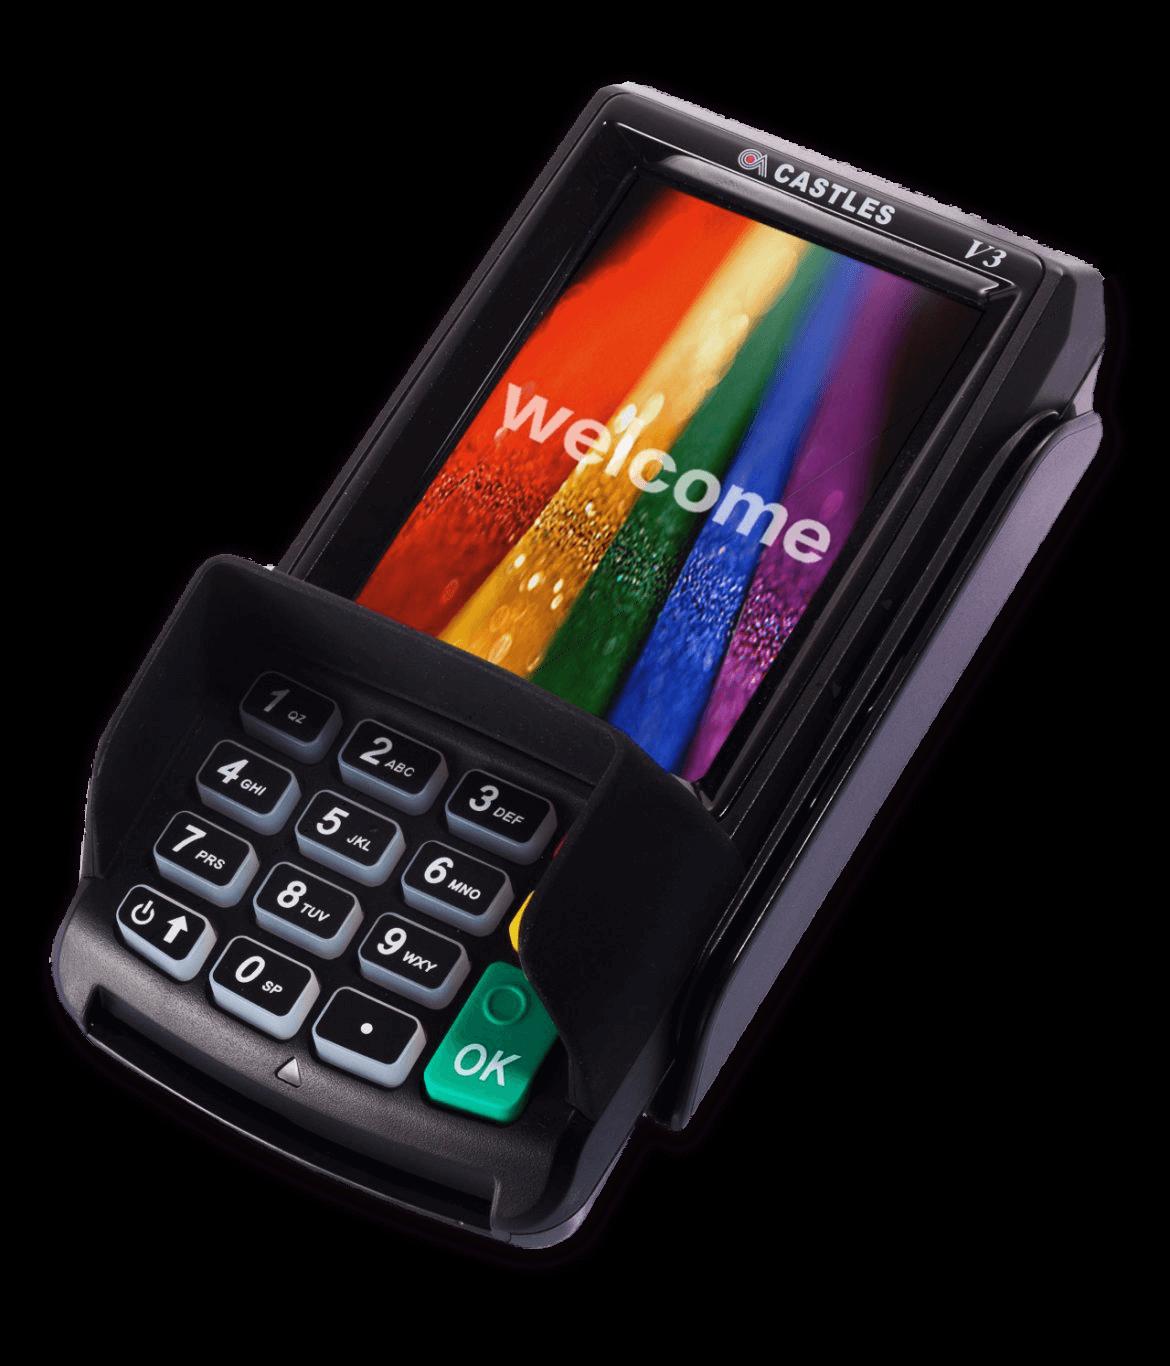 Vega3000 PIN-Pad